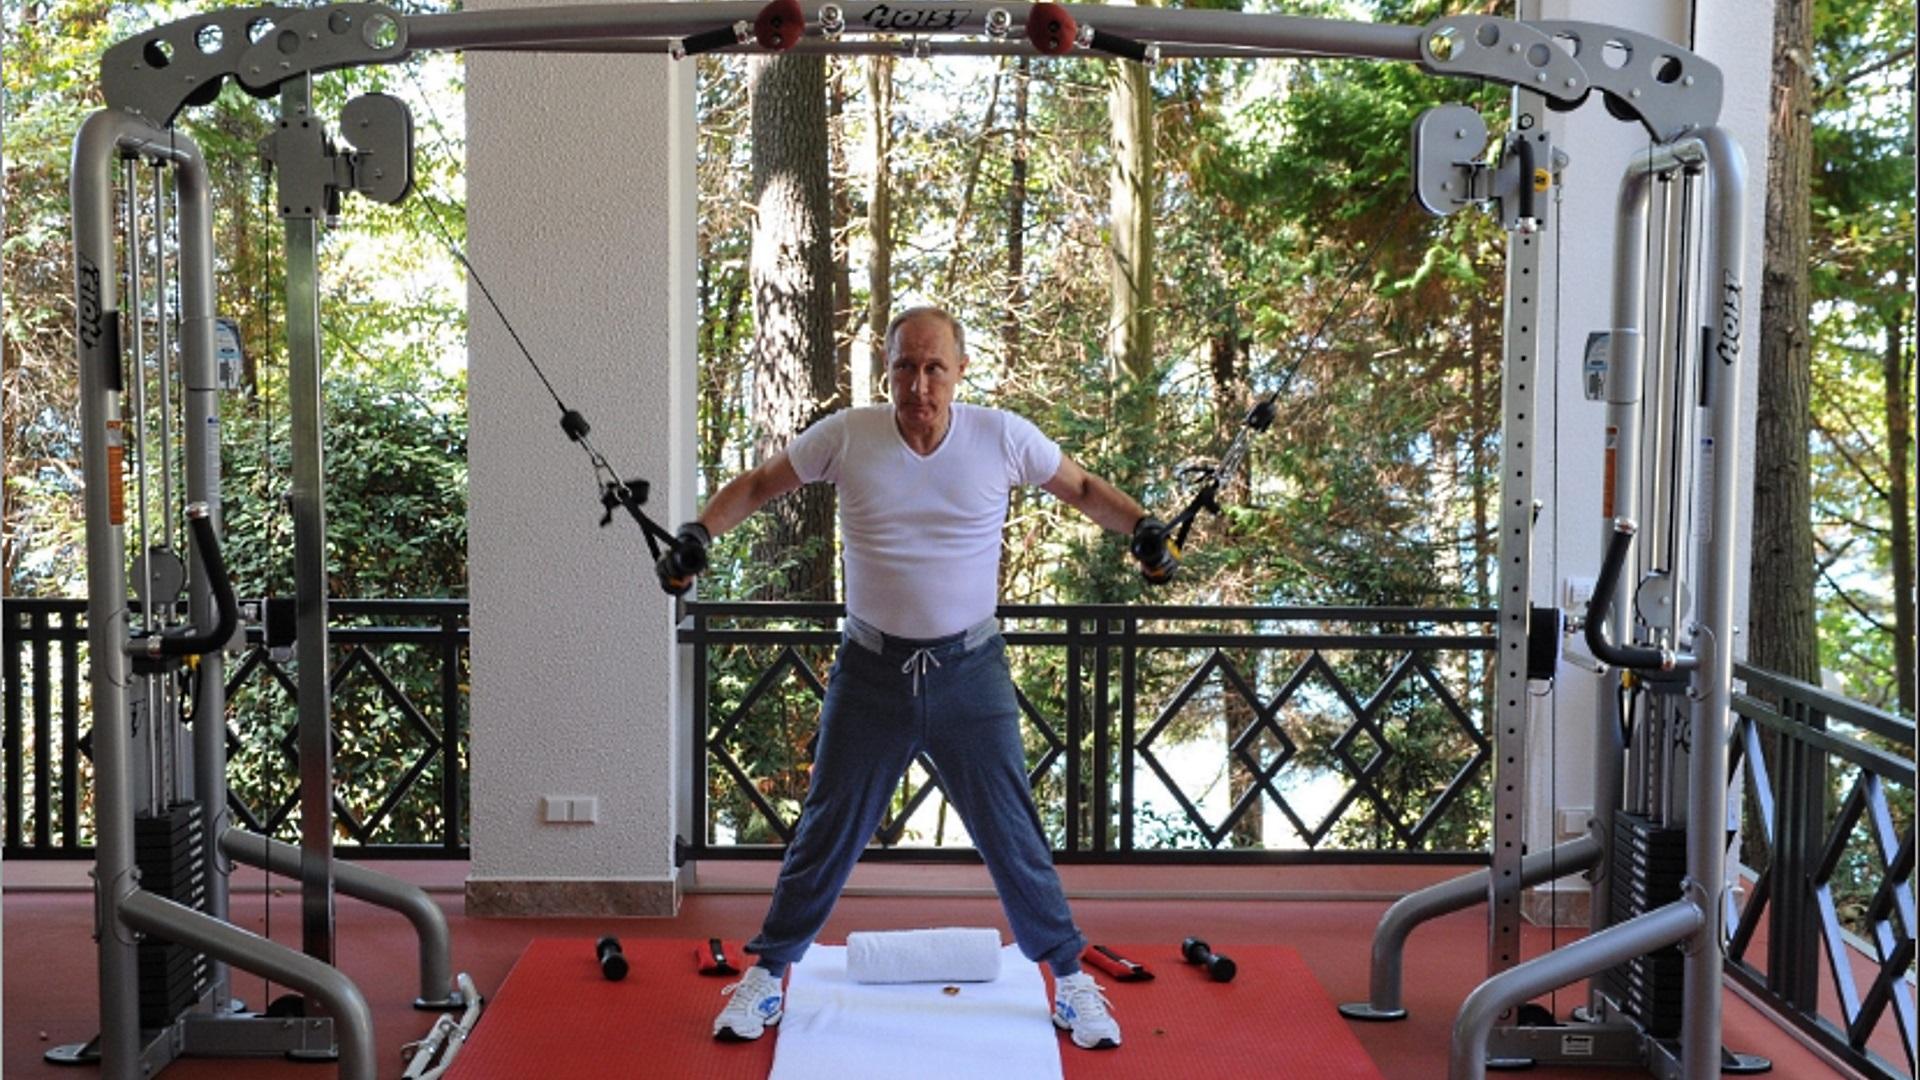 Лидерът на Русия Владимир Путин започва всеки свой ден с интензивна тренировка. Всичко започва със събуждането му – около обяд. След закуска, която съдържа най-често кафе, сок, омлет, овесена каша или пъдпъдъчи яйца, Путин плува сам в продължение на около два часа. След това се отправя към фитнеса за силова тренировка, докато гледа новините. Следва редуване на ледени и горещи вани, преди да облече някой костюмите си, шити по поръчка и да започне деня си на държавен глава.